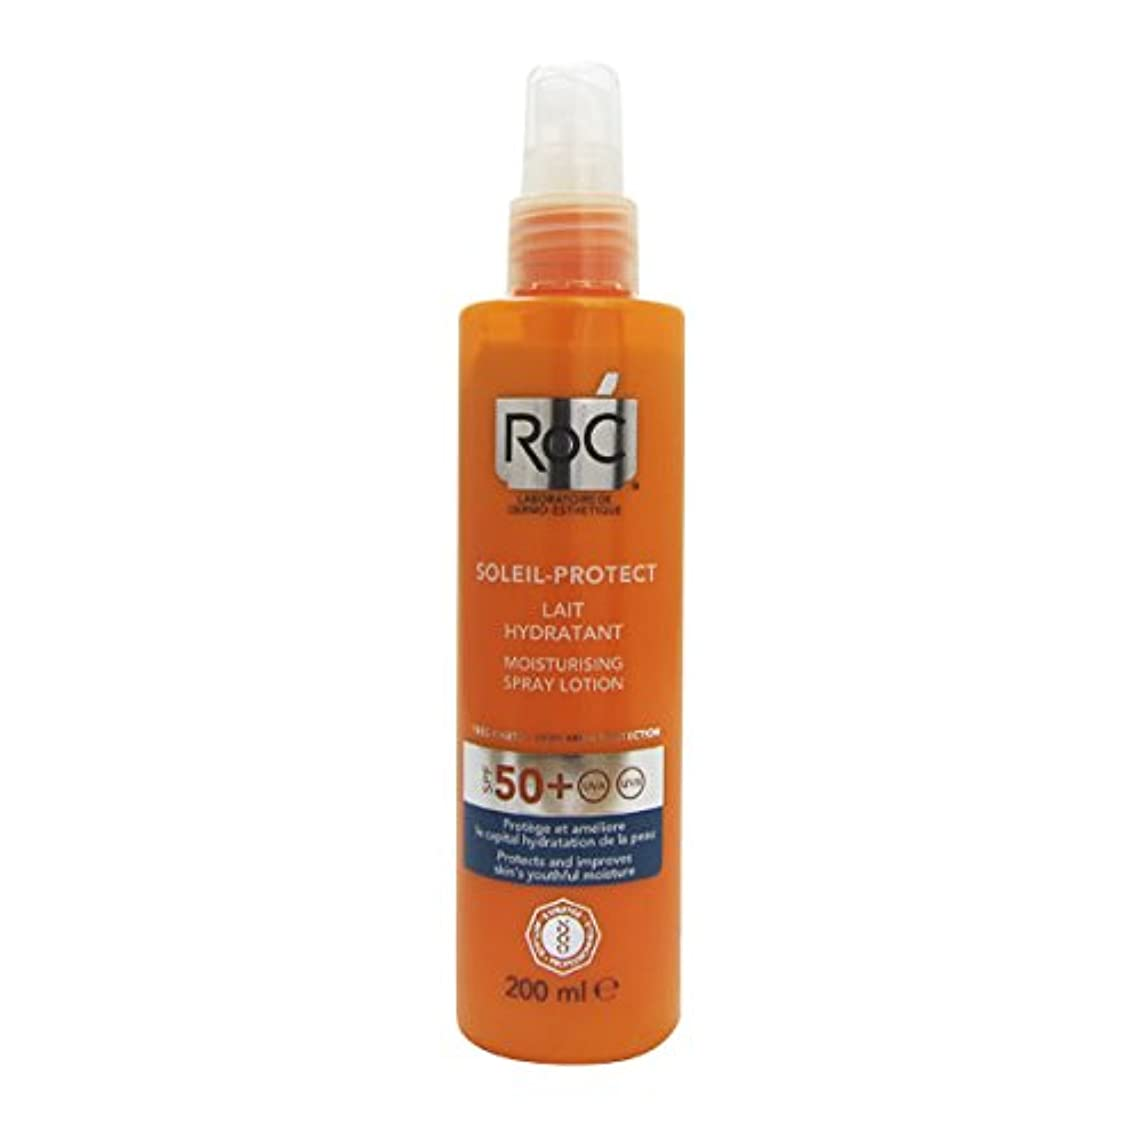 爵つぶやき自然公園Roc Soleil Protect Hydrating Fluid Spf30 200ml [並行輸入品]